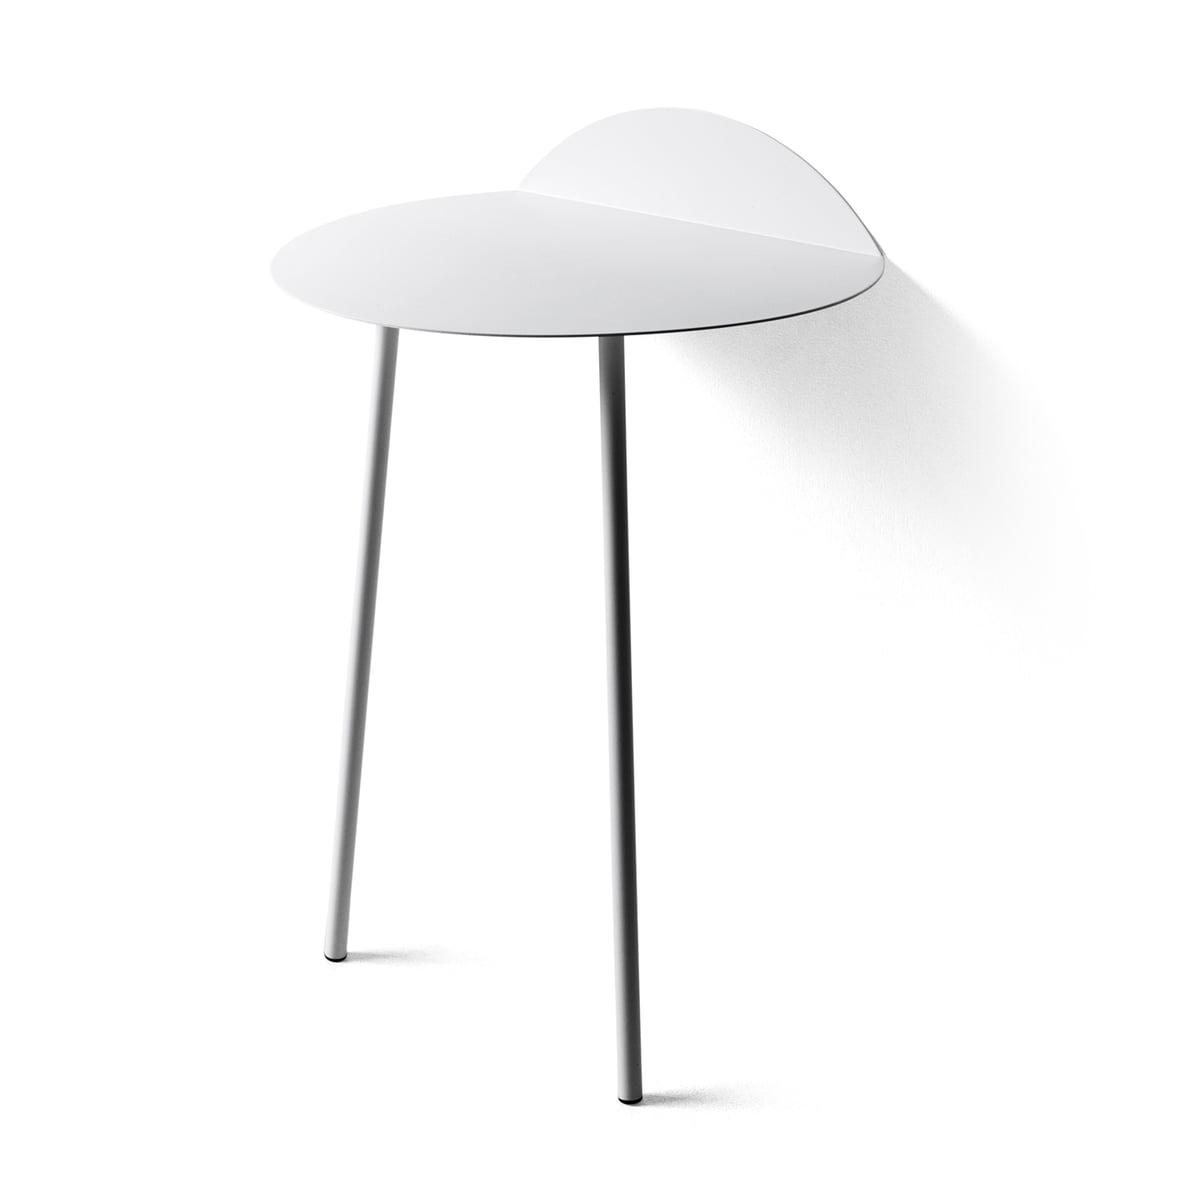 wie hoch ist ein esstisch ikea bartisch esstisch ikeambel with wie hoch ist ein esstisch. Black Bedroom Furniture Sets. Home Design Ideas